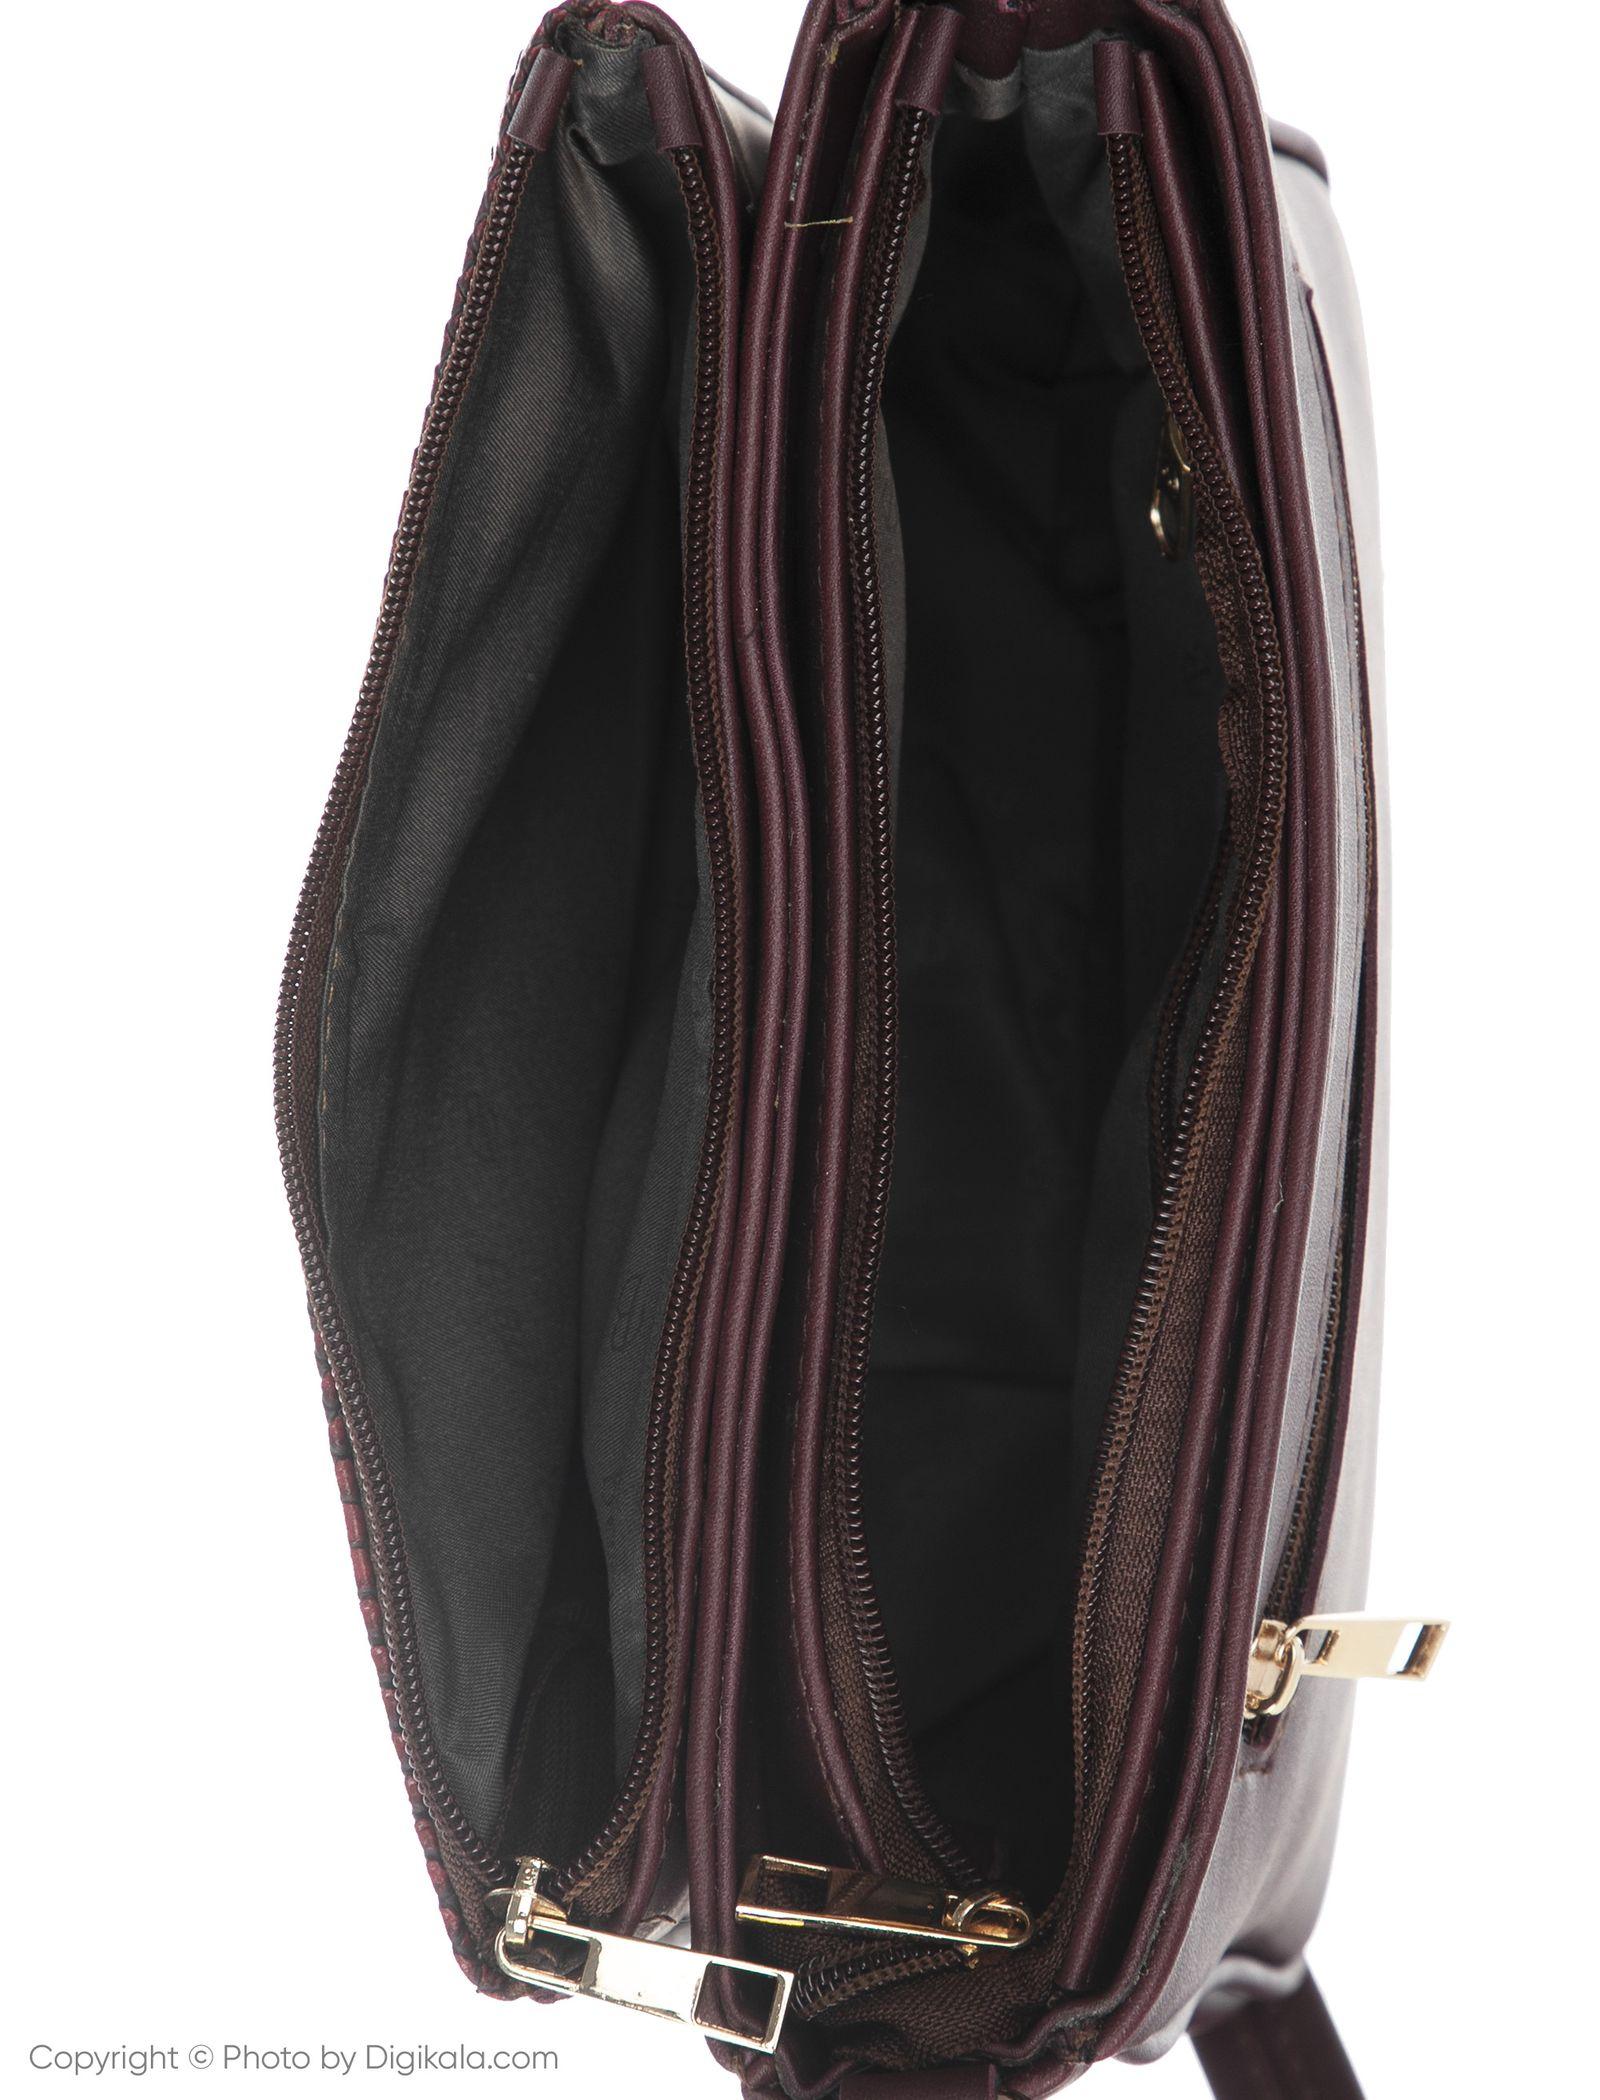 کیف رودوشی زنانه شیفر مدل 9F01307-70 -  - 6